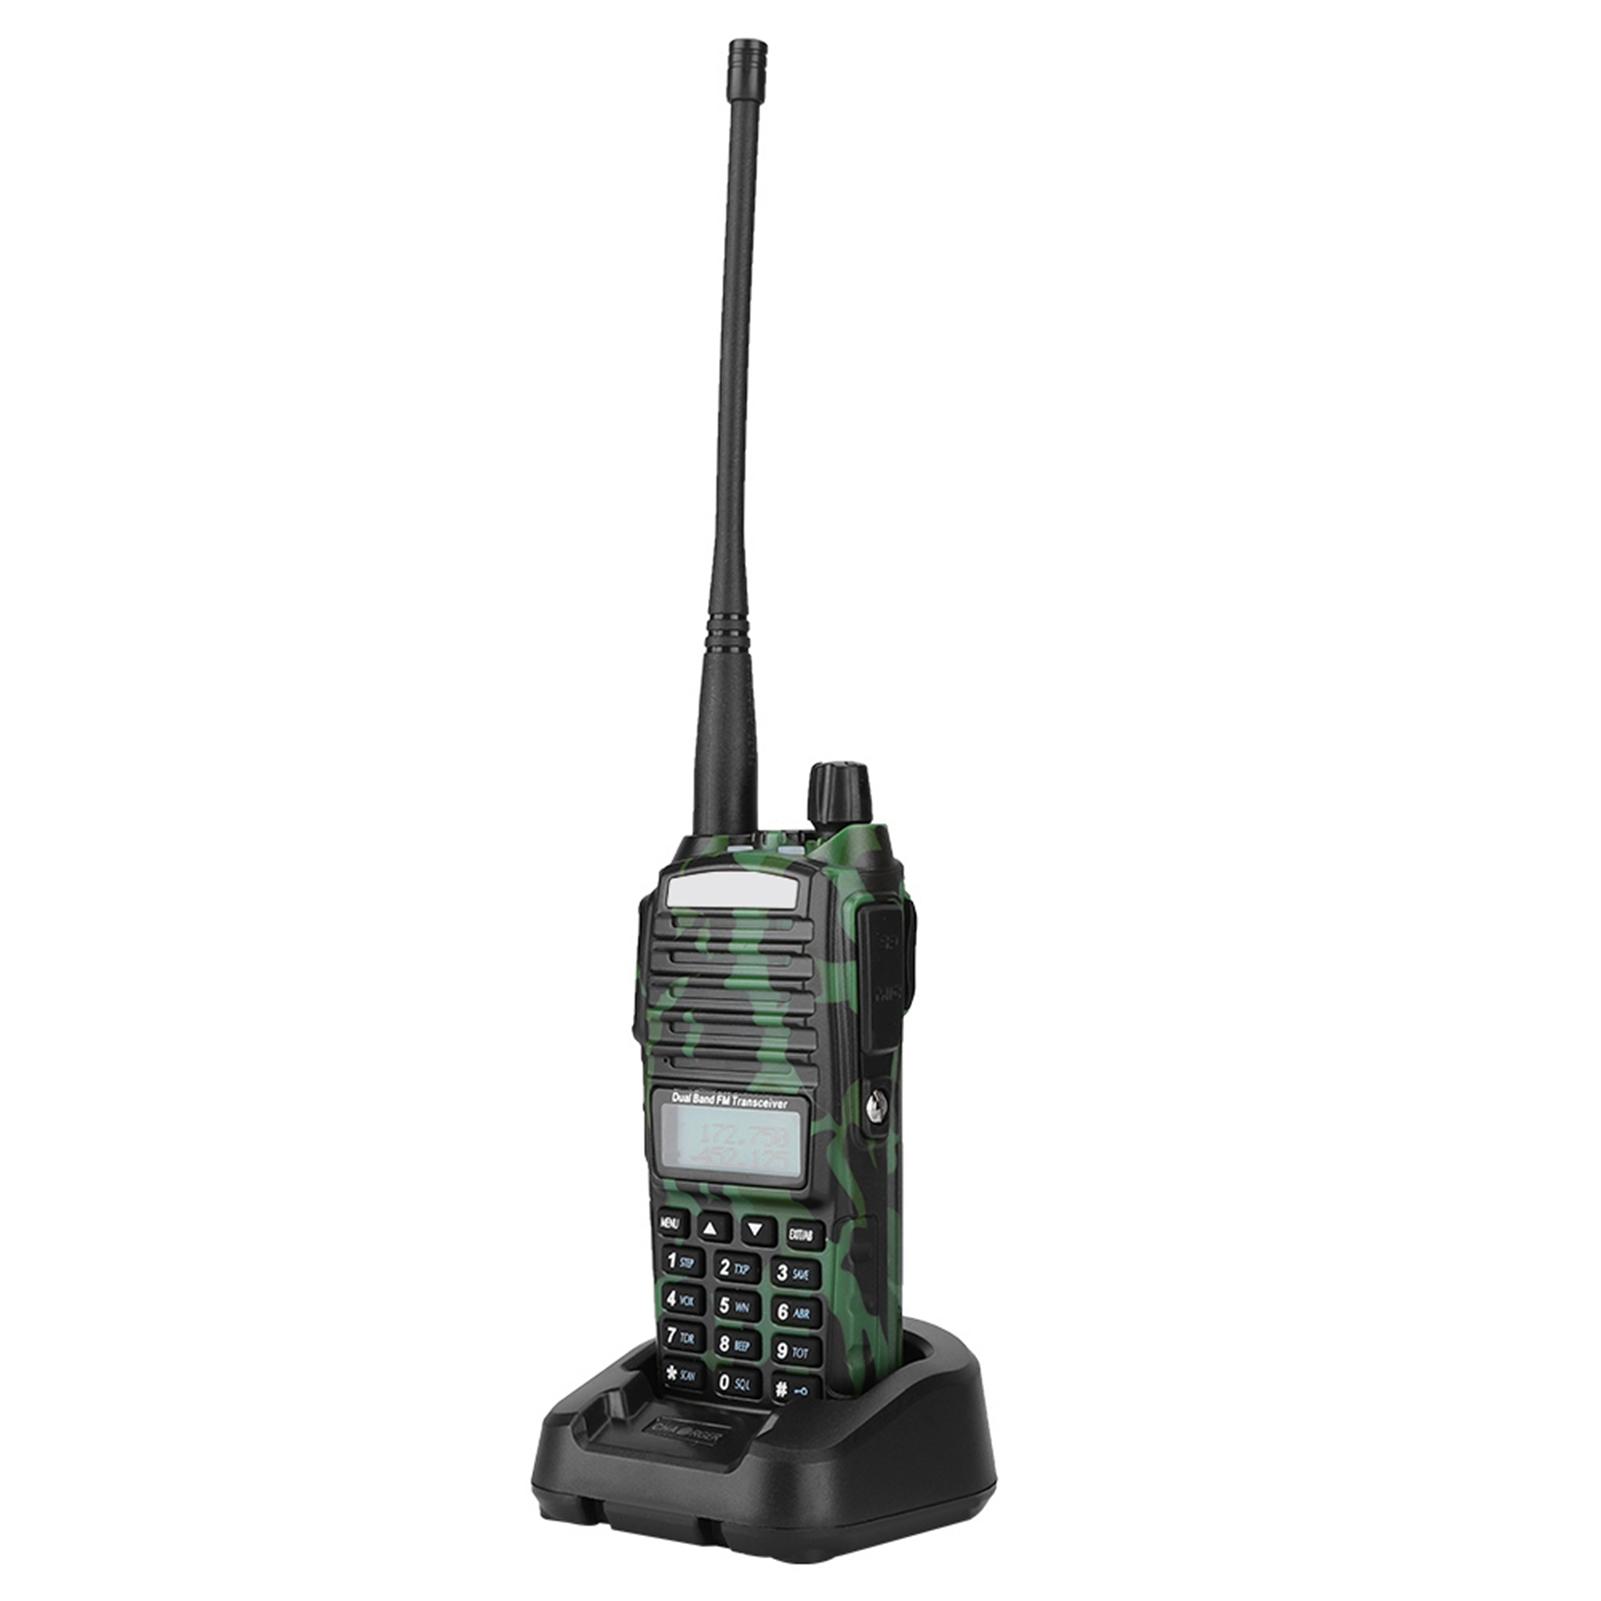 UHF-VHF-Dual-Band-Walkie-Talkie-Intercom-Radio-for-Baofeng-UV-82-UV9R-UV9R-Plus thumbnail 16